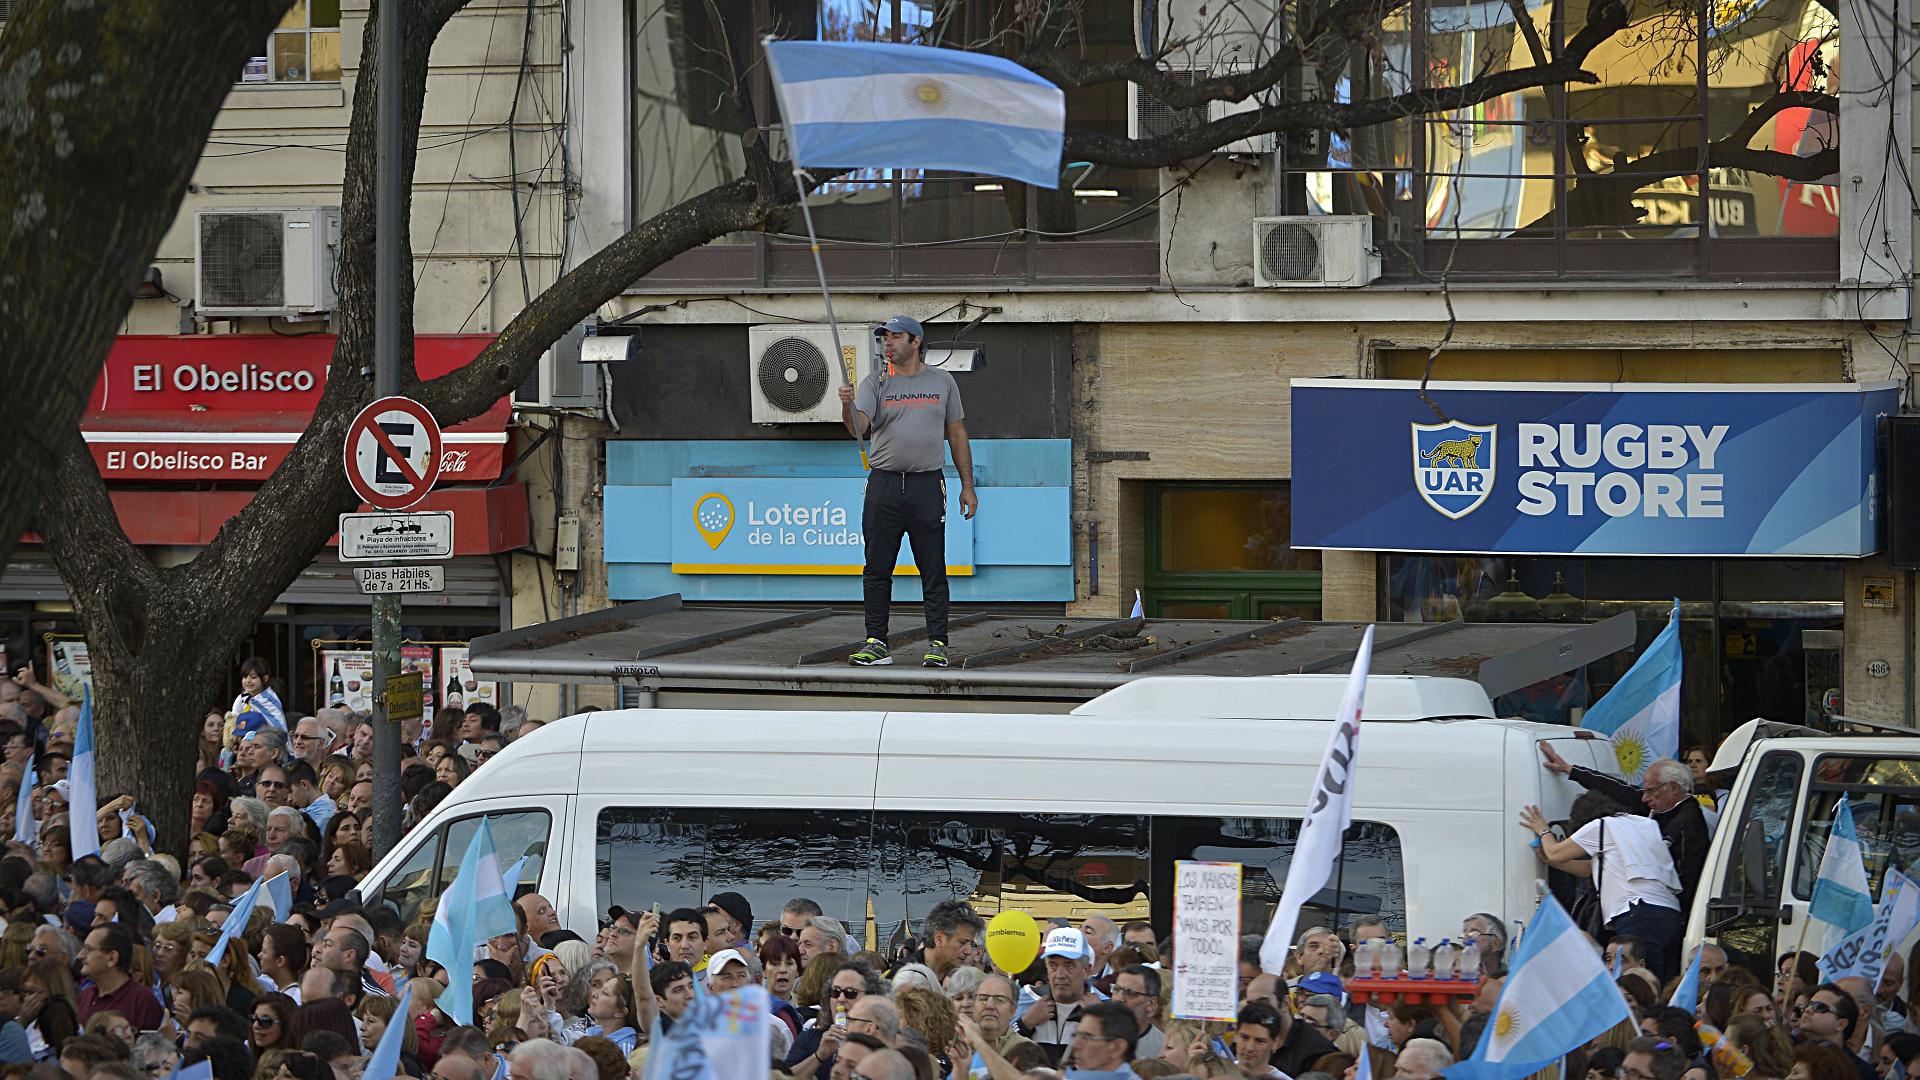 Las banderas celestes fueron el principal distintivo entre el público del acto